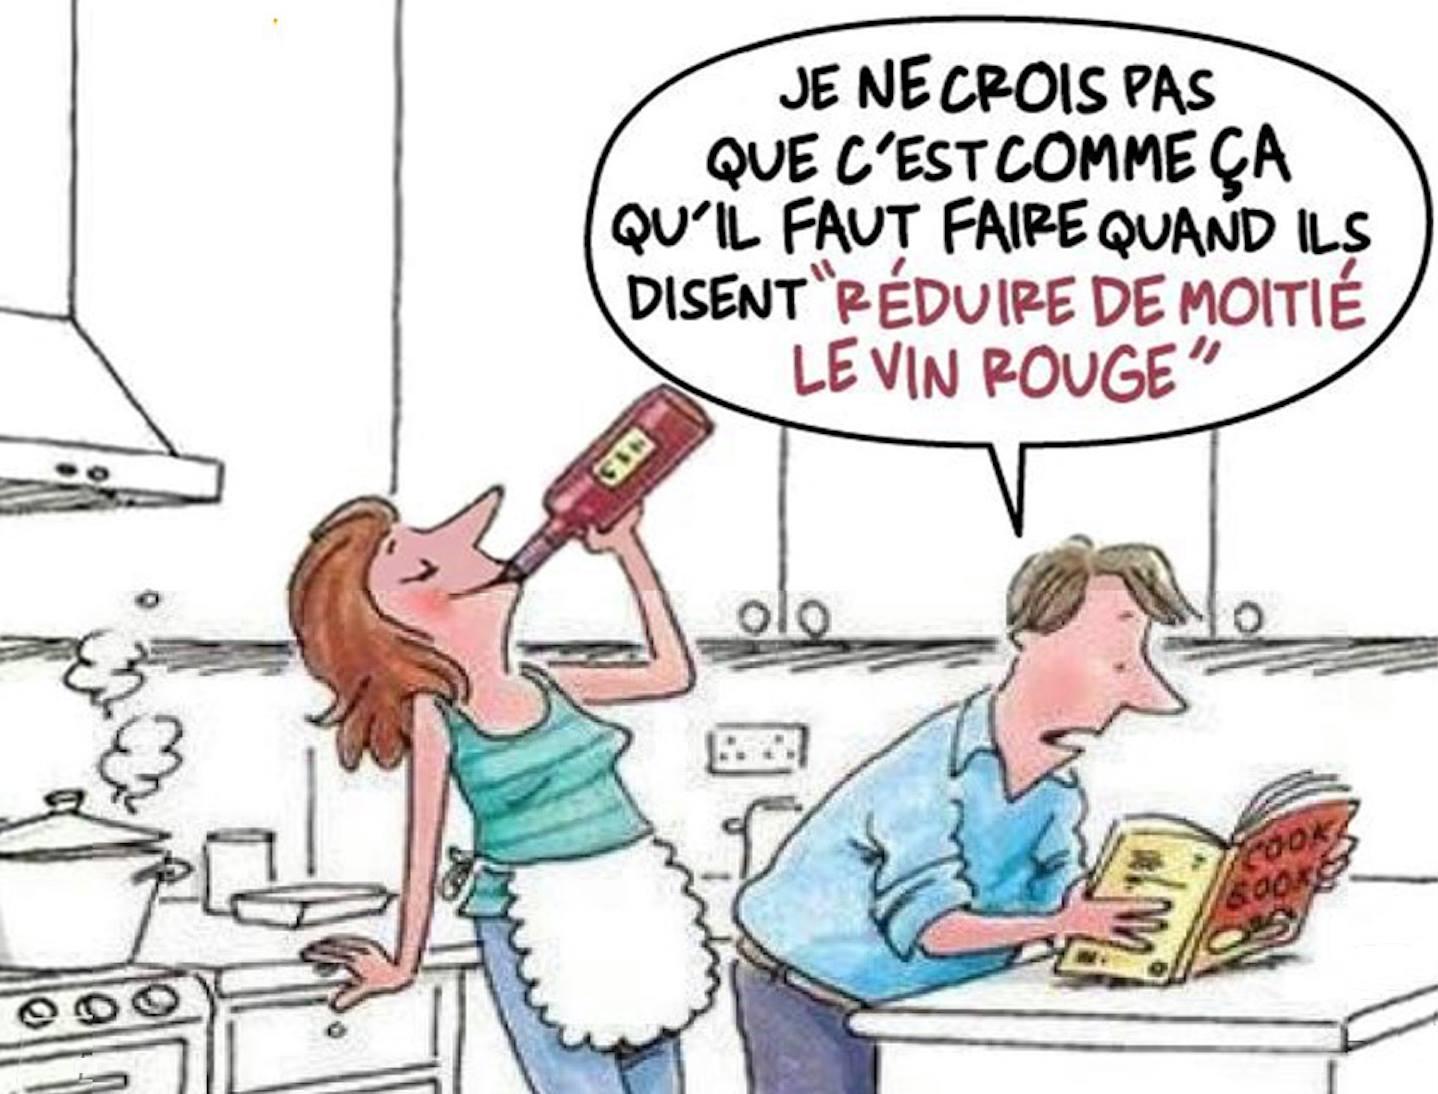 Réduire de moitié le vin rouge